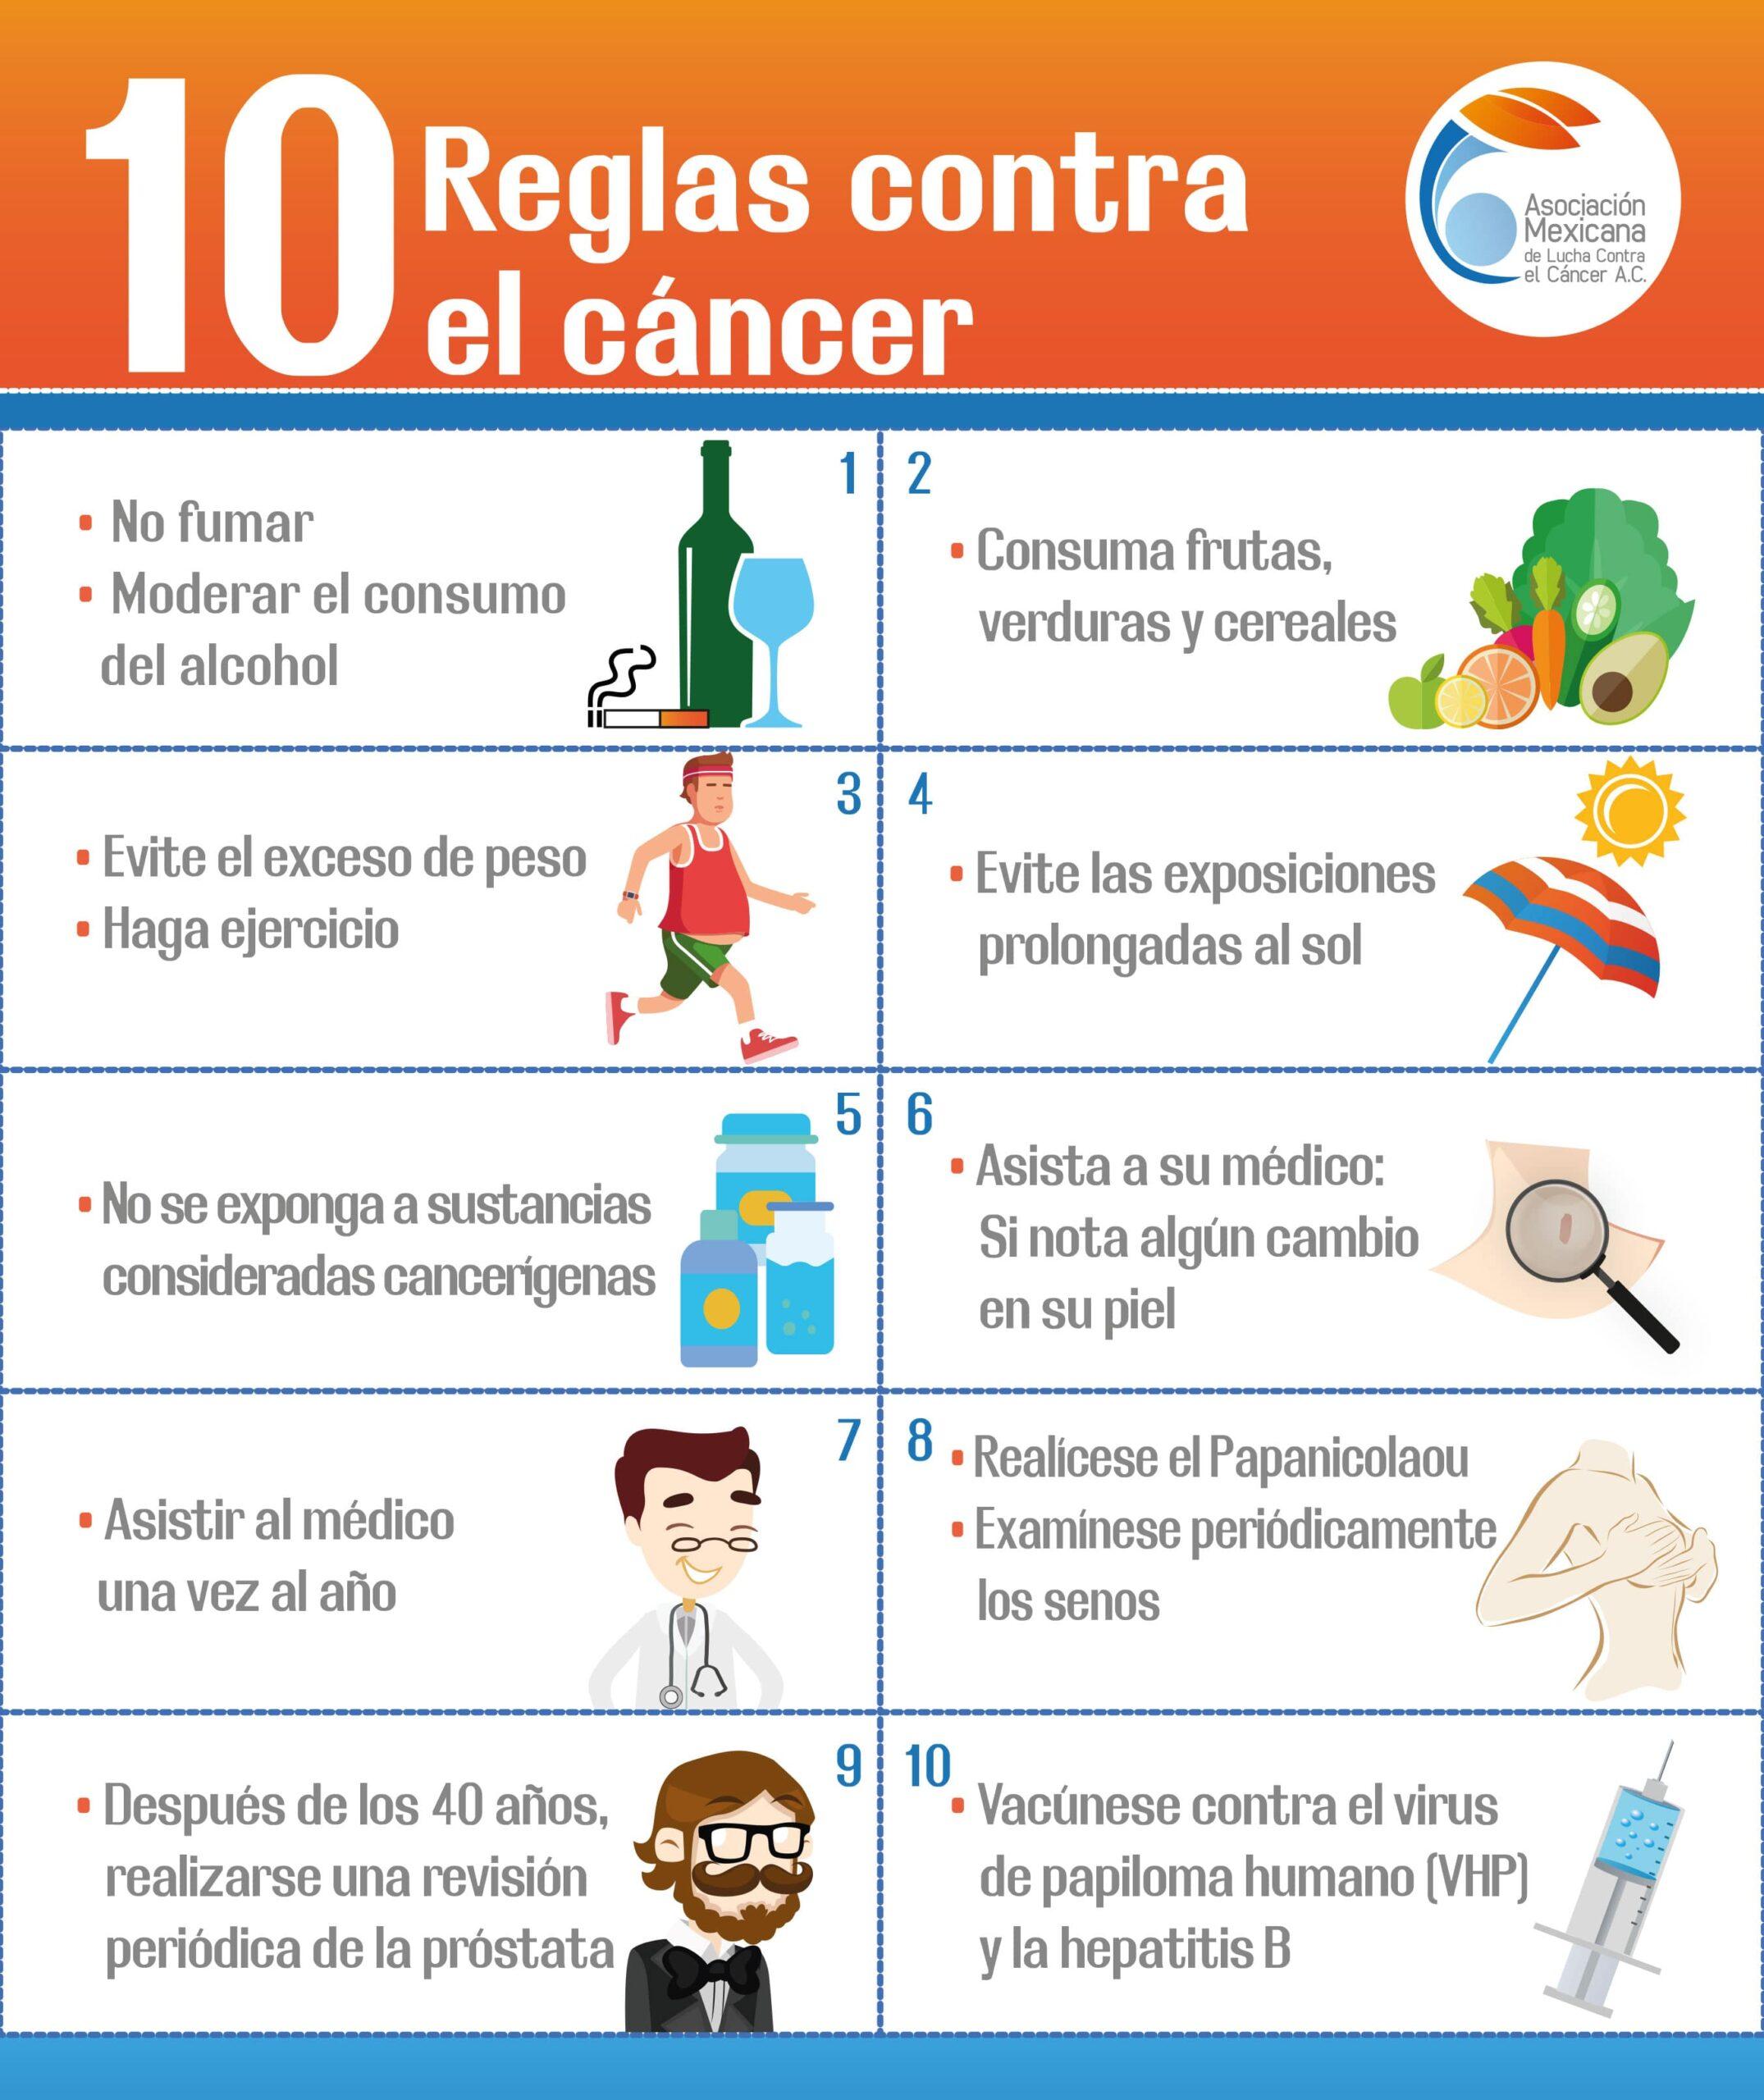 ¿Cómo puedo prevenir el cáncer?